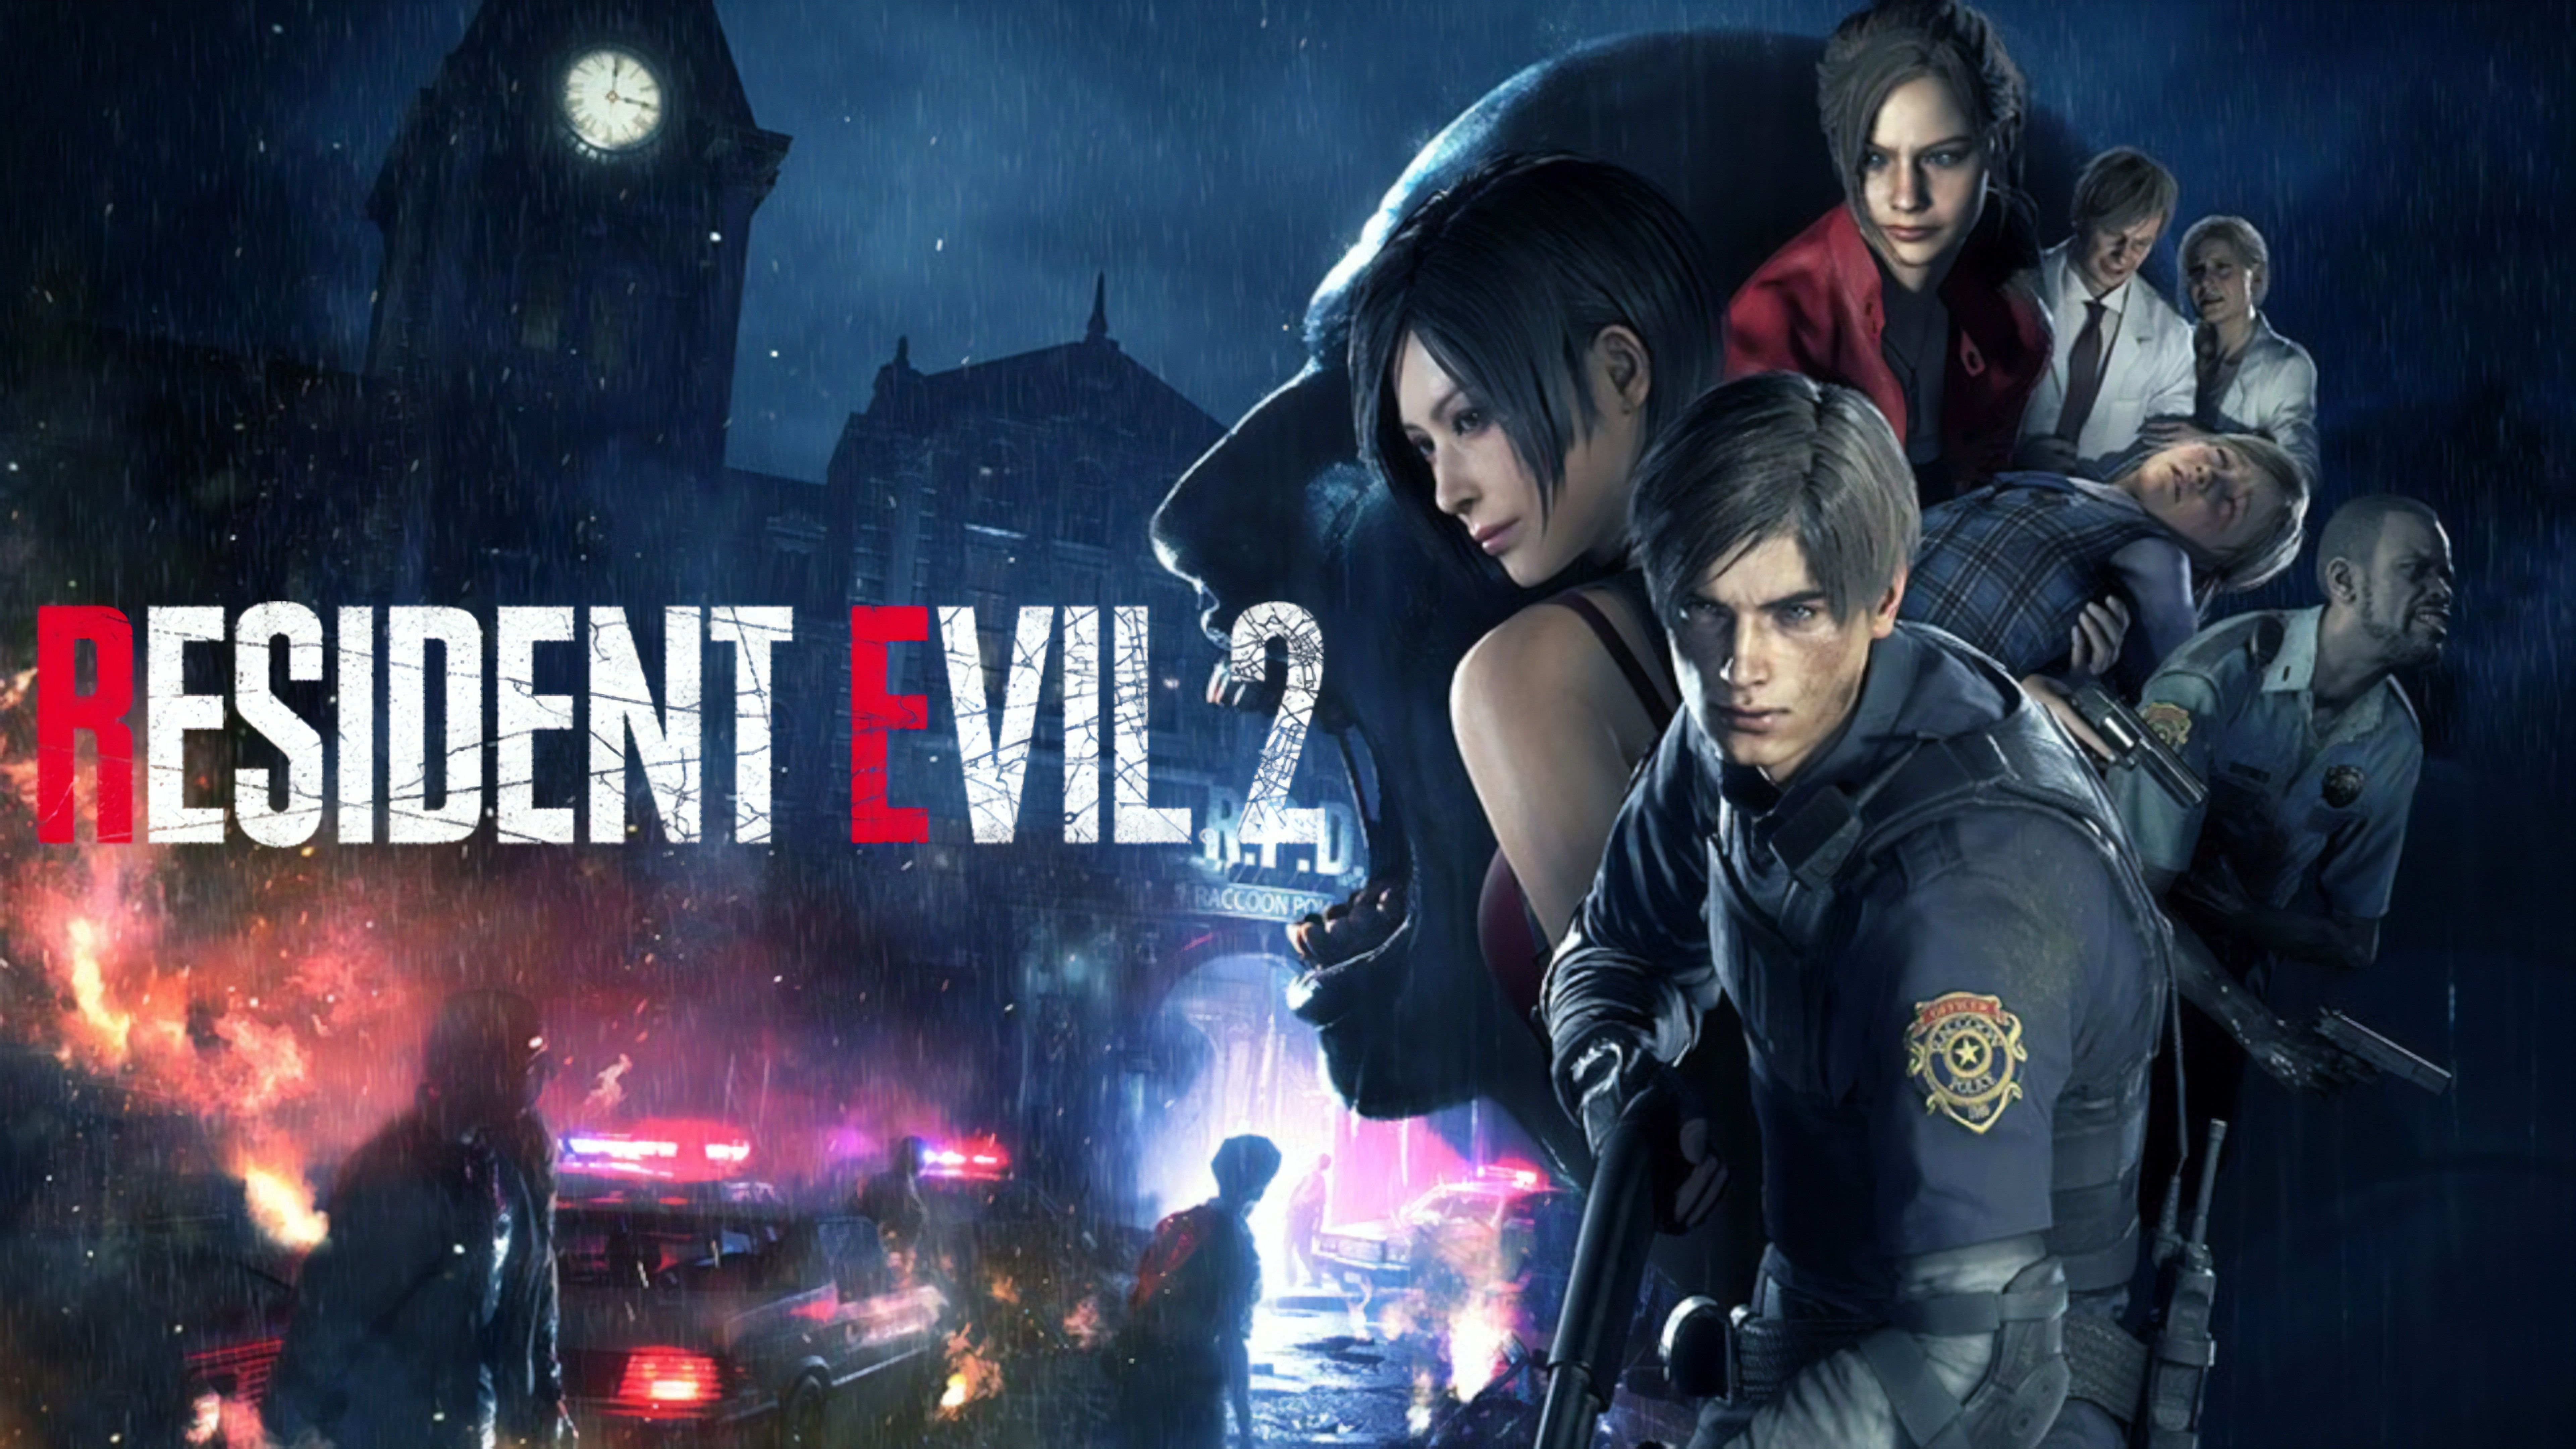 Resident Evil 2 Characters 8k Wallpaper 10